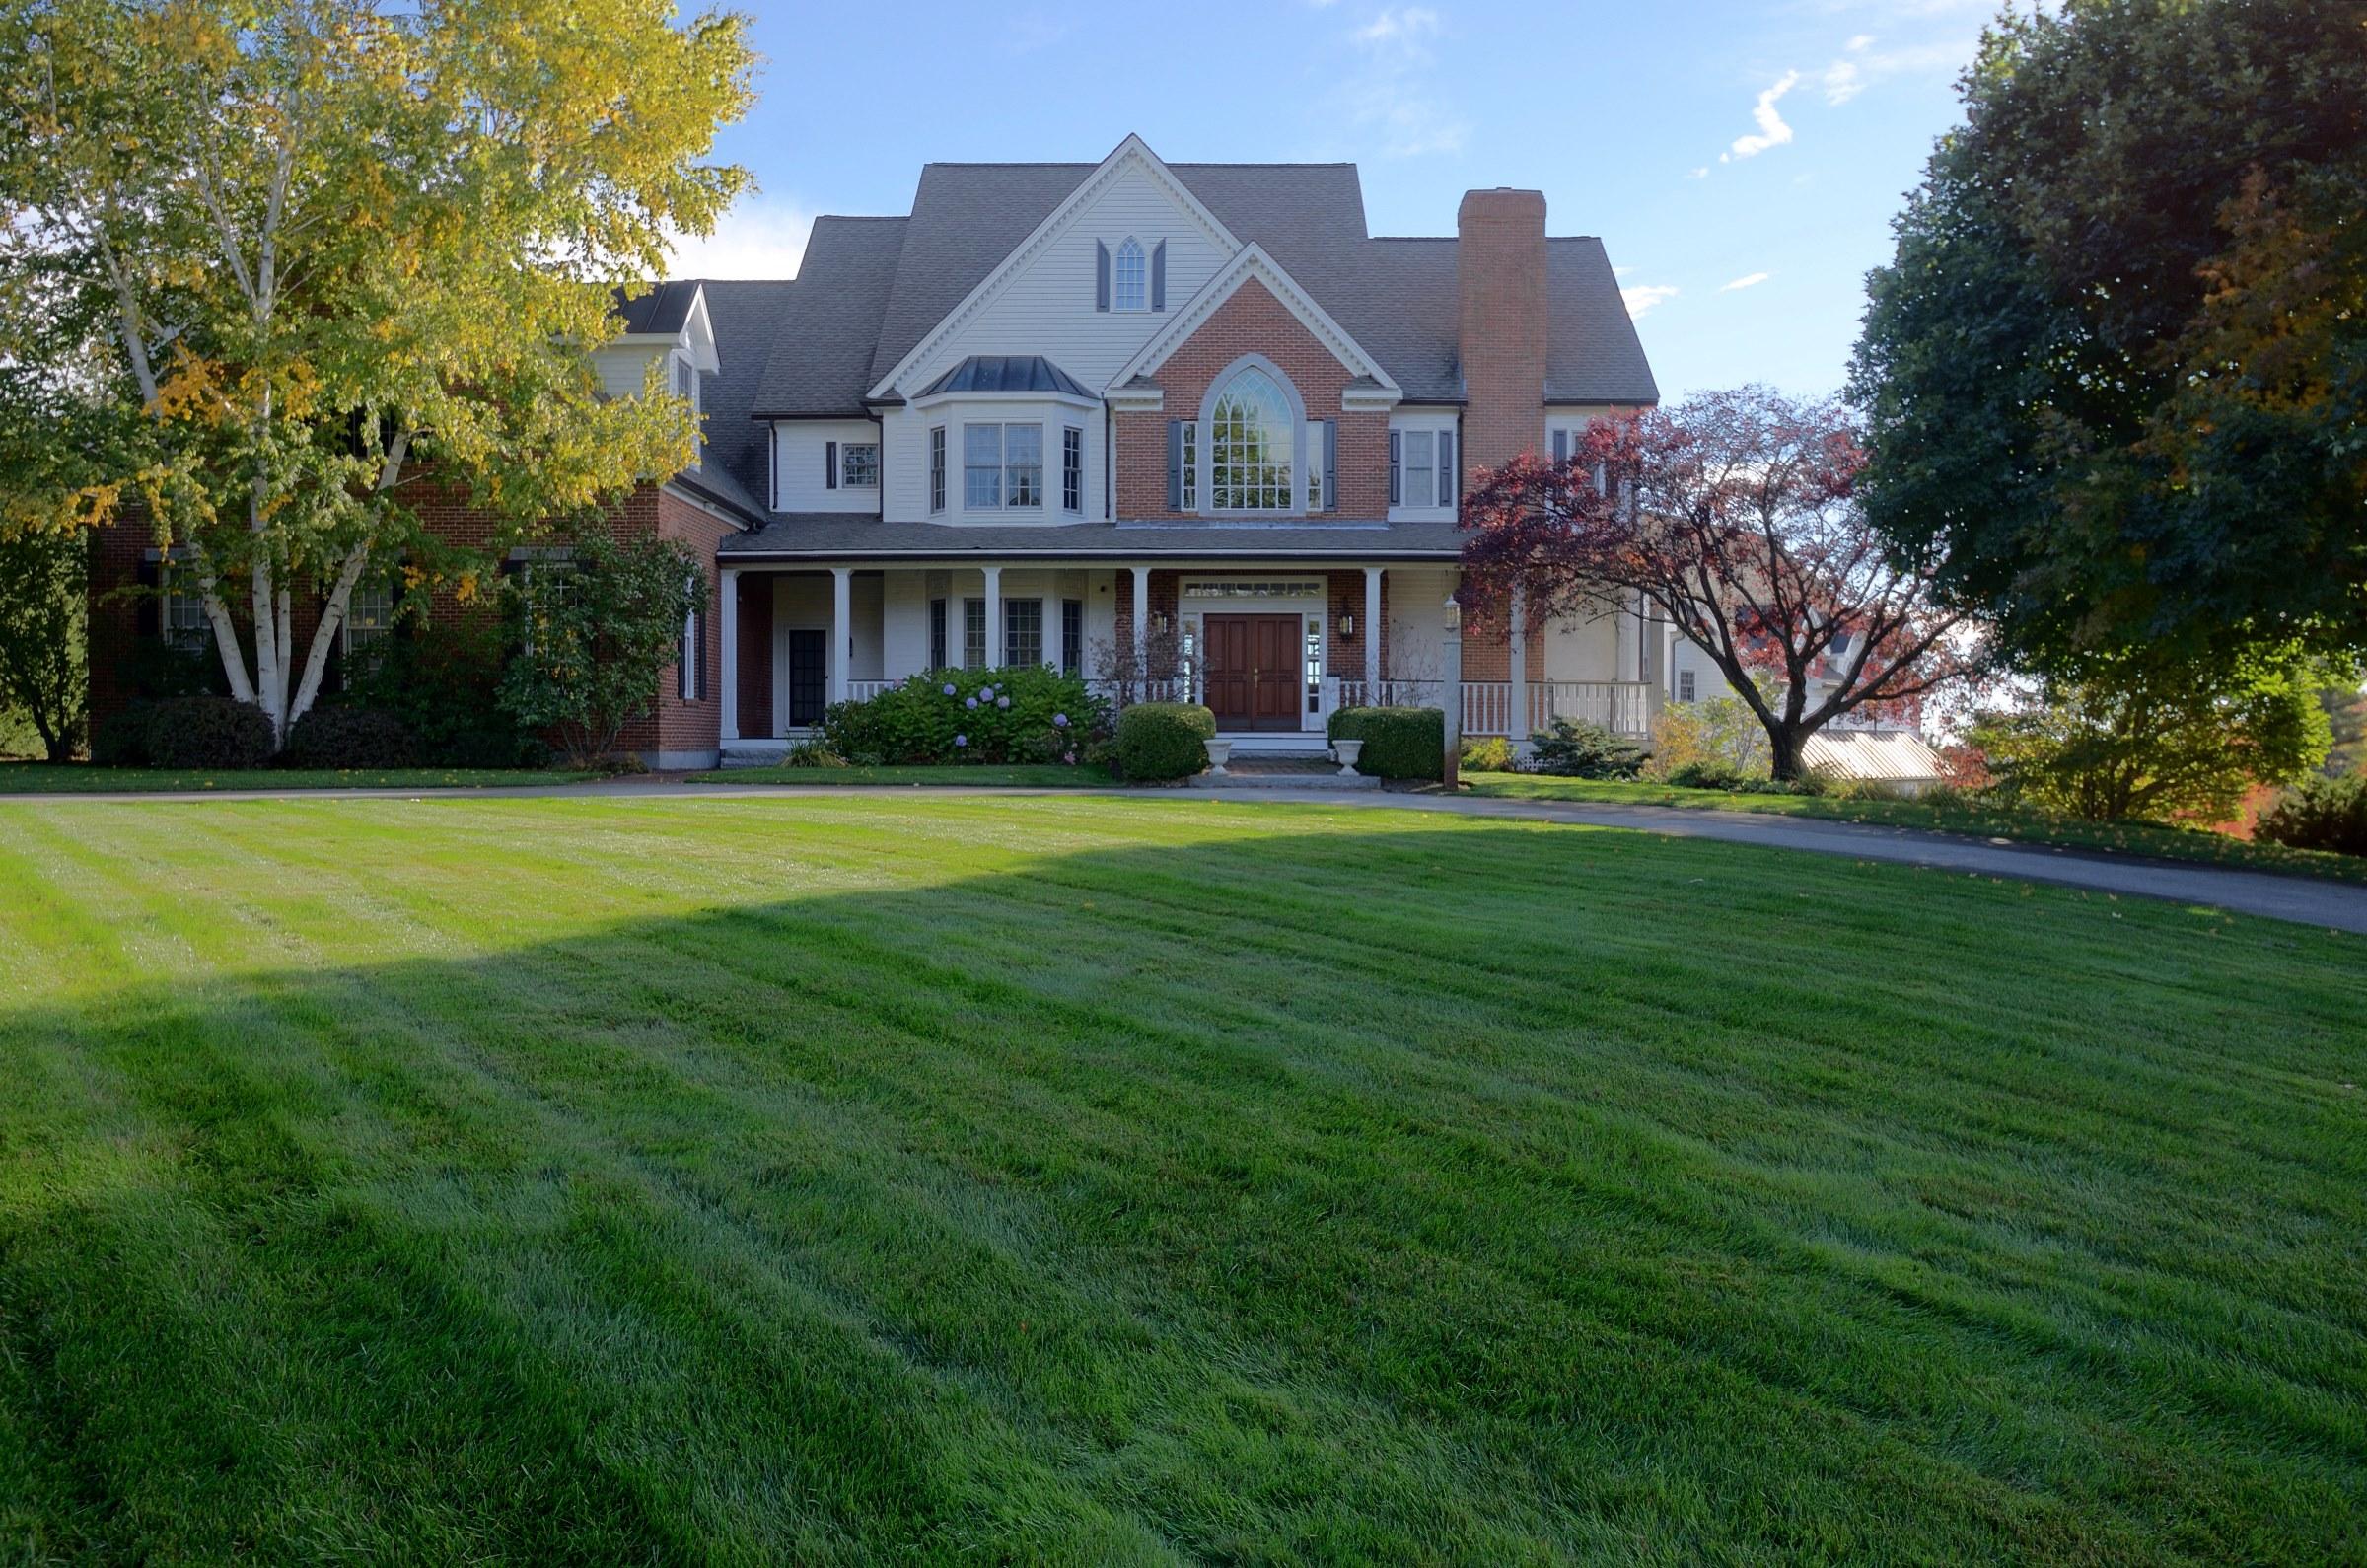 Casa Unifamiliar por un Venta en 1 Fellows Farm Rd, Amherst Amherst, Nueva Hampshire, 03031 Estados Unidos